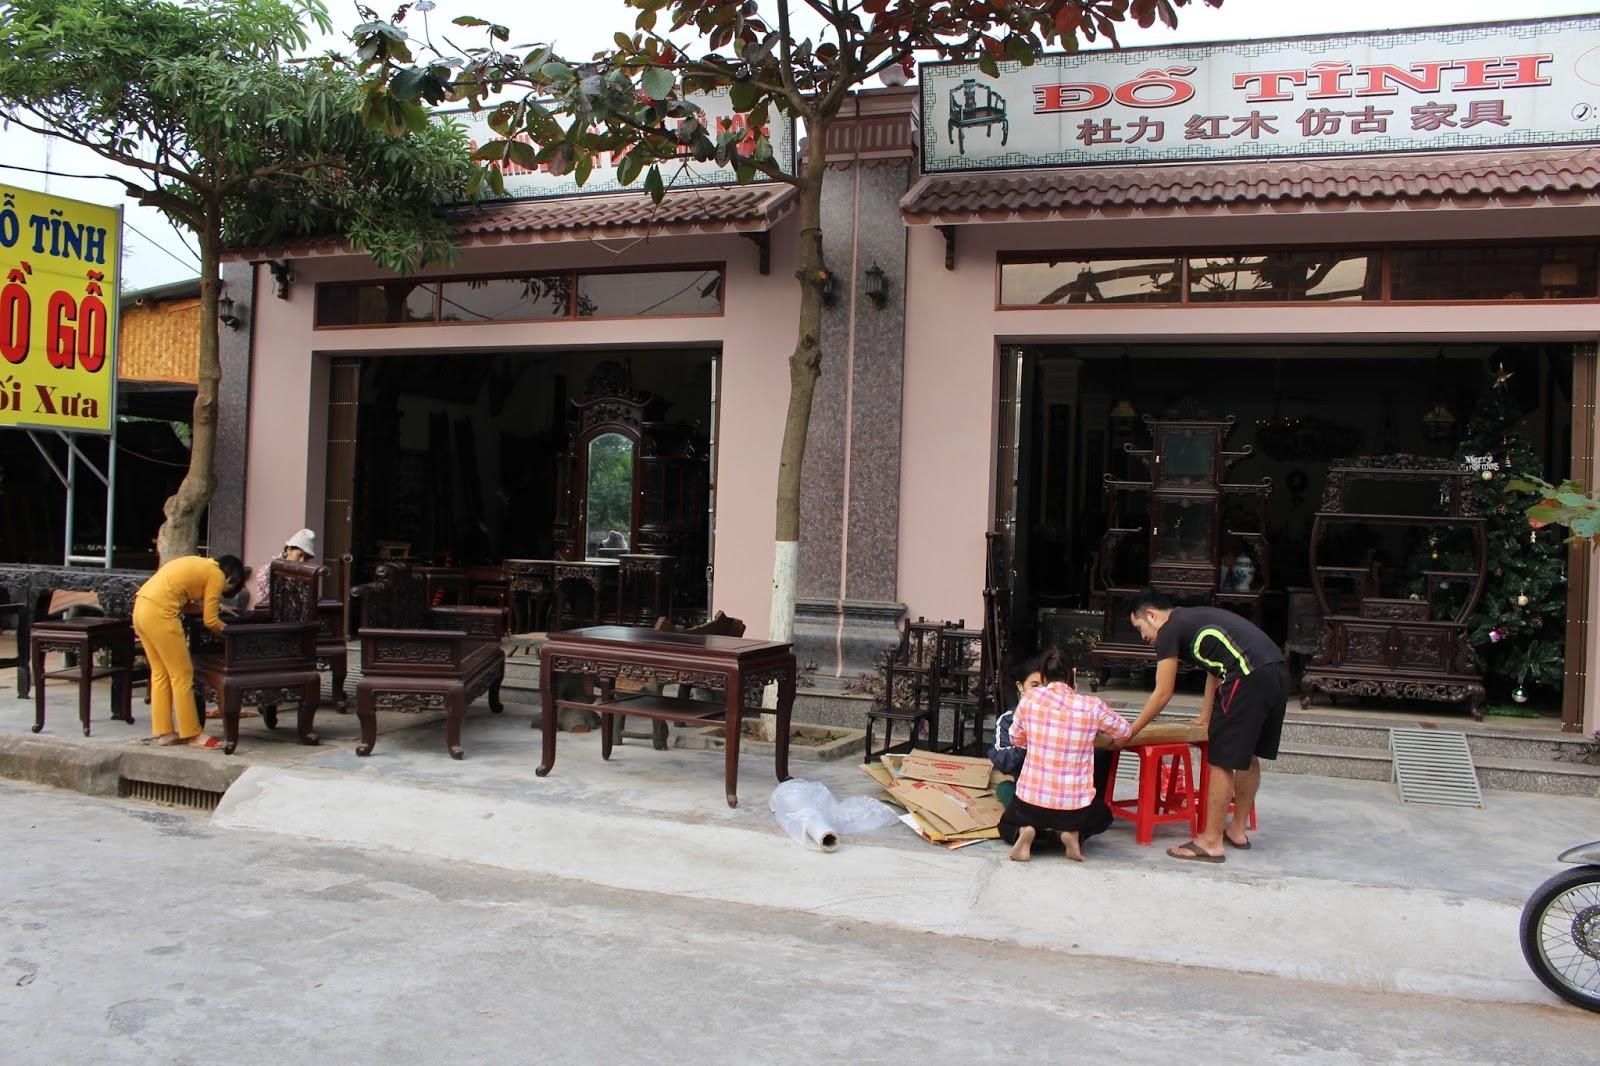 Siêu thị đồ gỗ cổ Nam Định - Đồ gỗ Đỗ Tĩnh